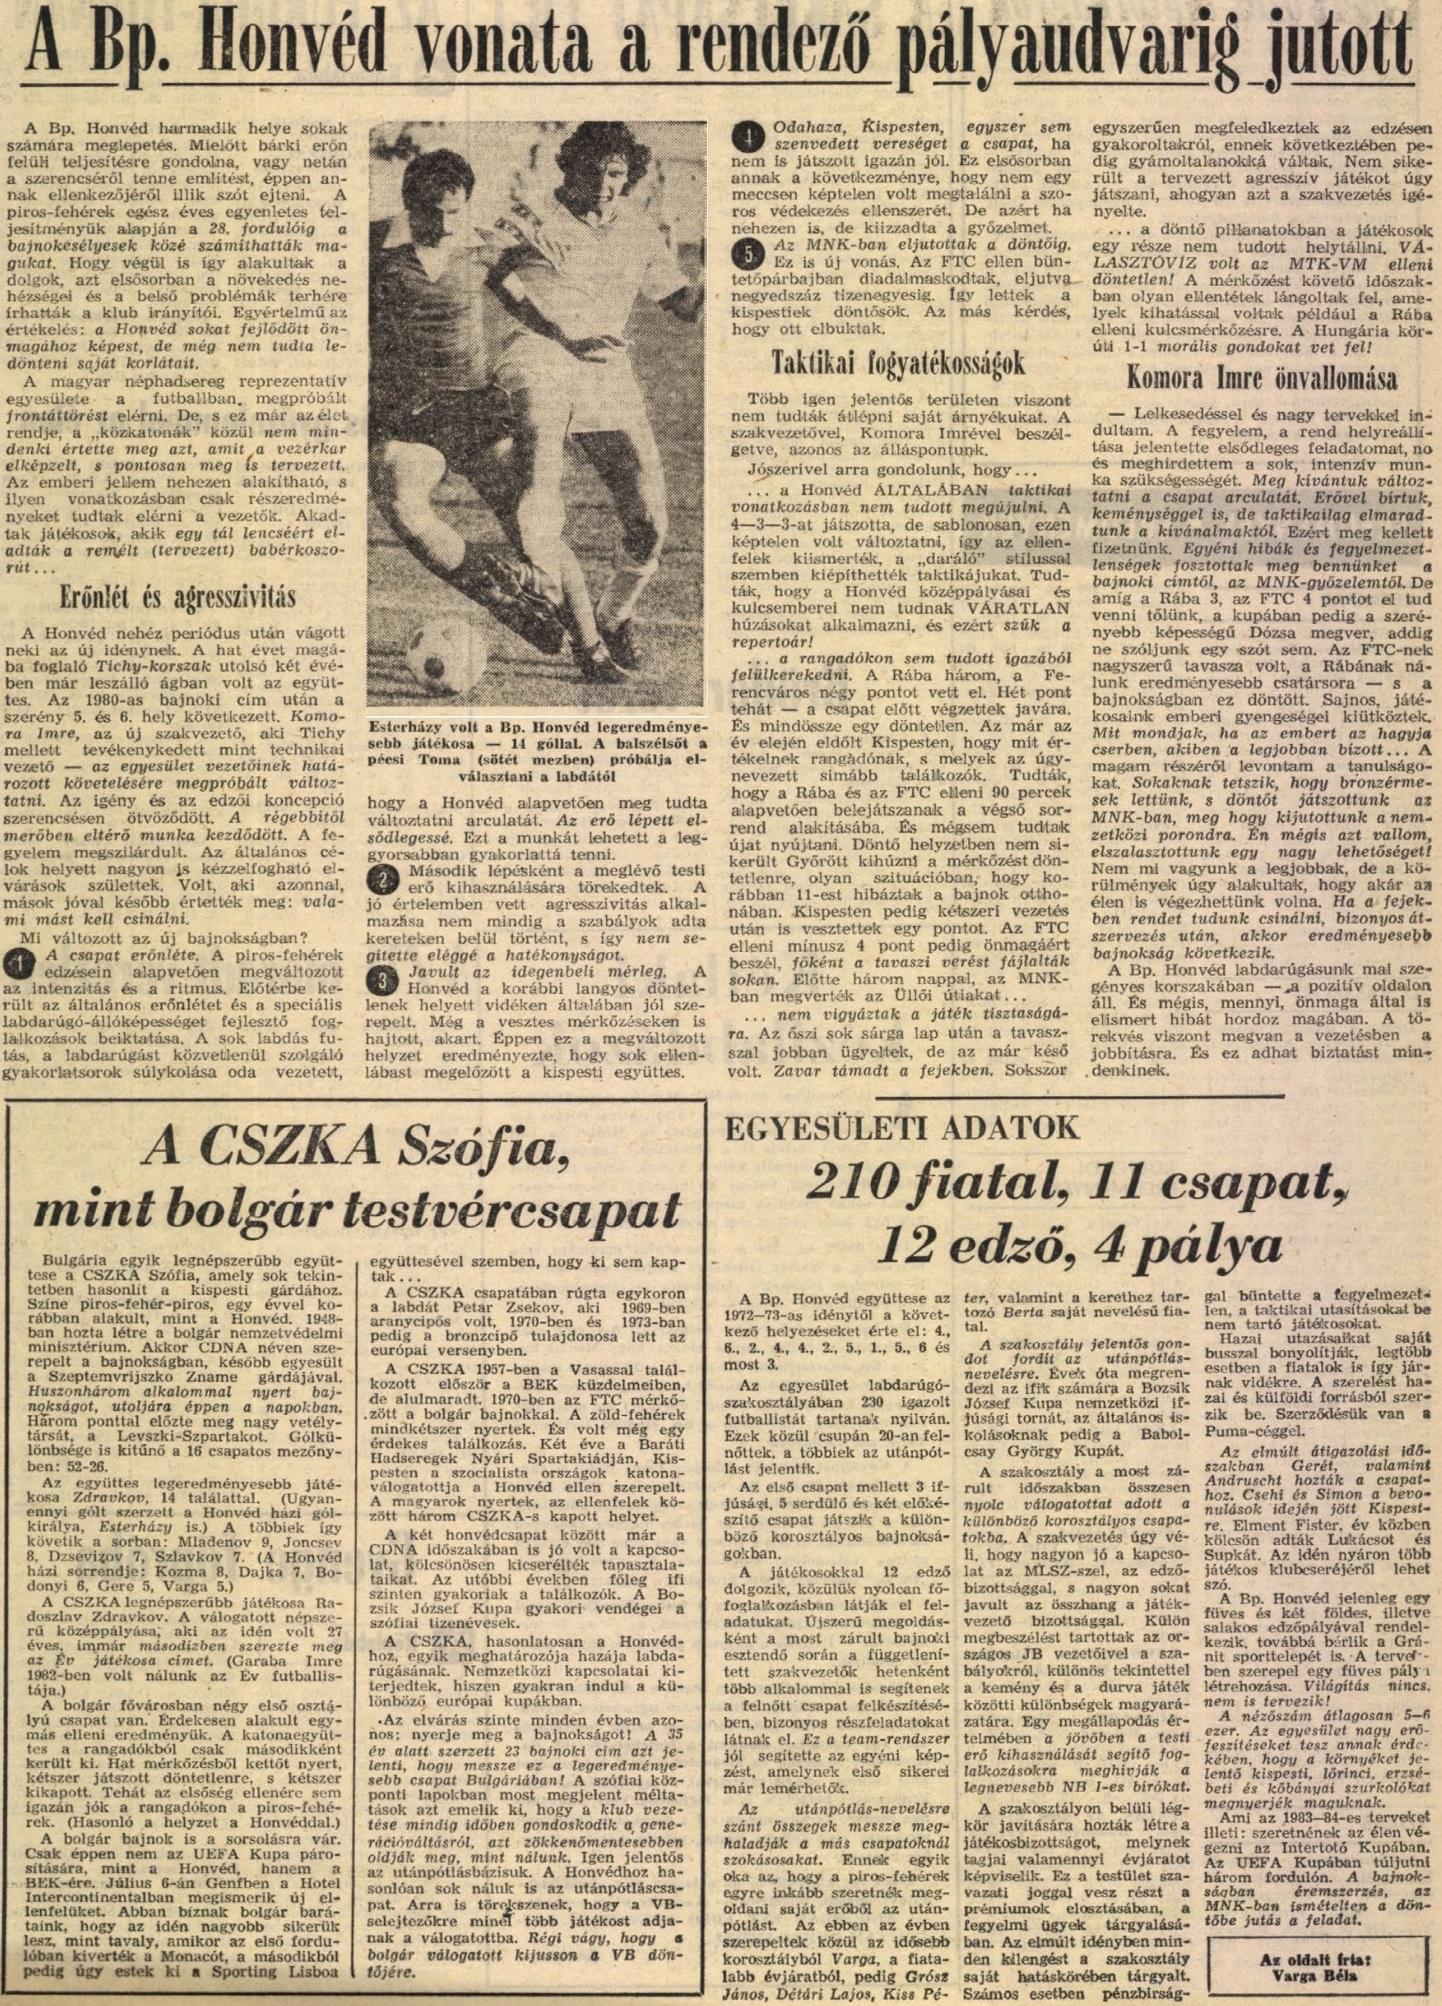 idokapszula_nb_i_1982_83_tavaszi_zaras_merlegen_a_felsohaz_3_bp_honved.jpg